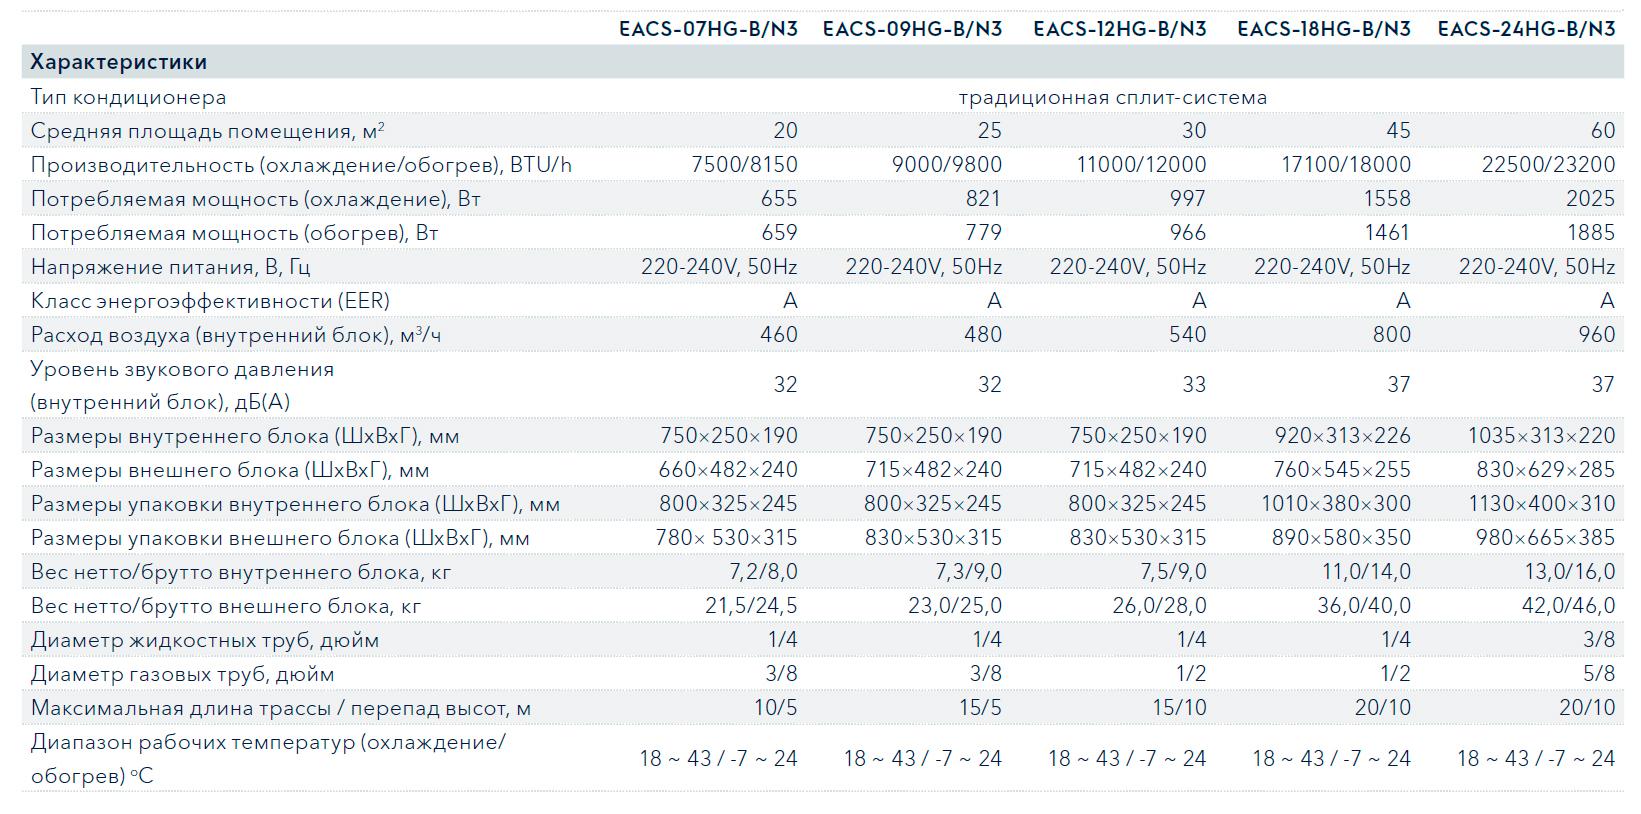 Технические характеристики кондиционера Electrolux EACS-12HG-B/N3 серии Air Gate